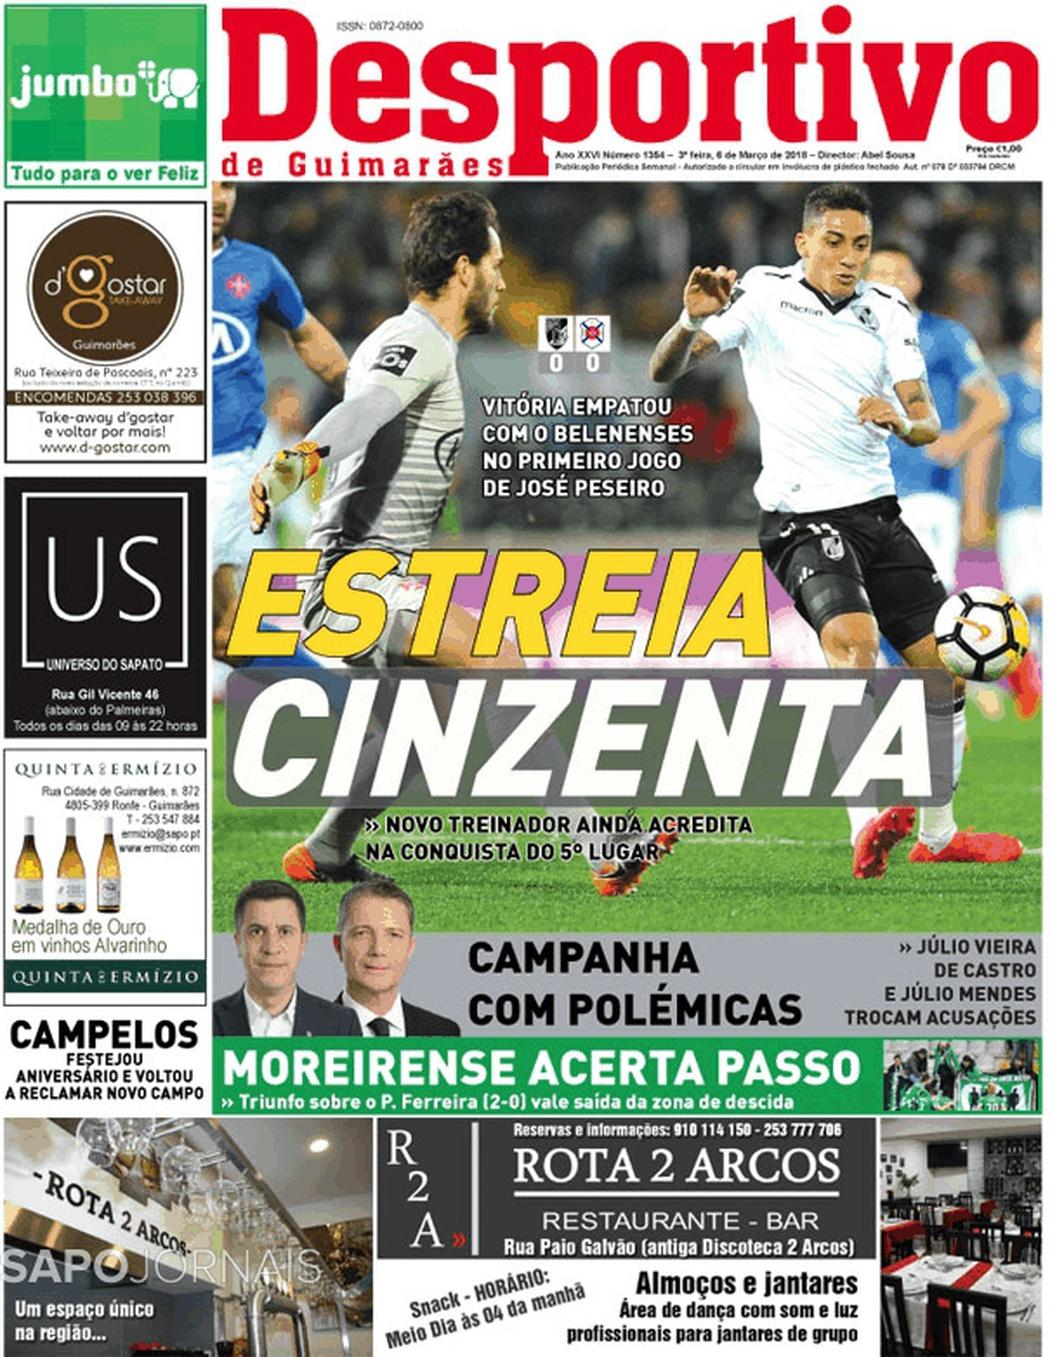 Banca De Jornais Desportivo De Guimarães 06 03 2018 Futebol 365